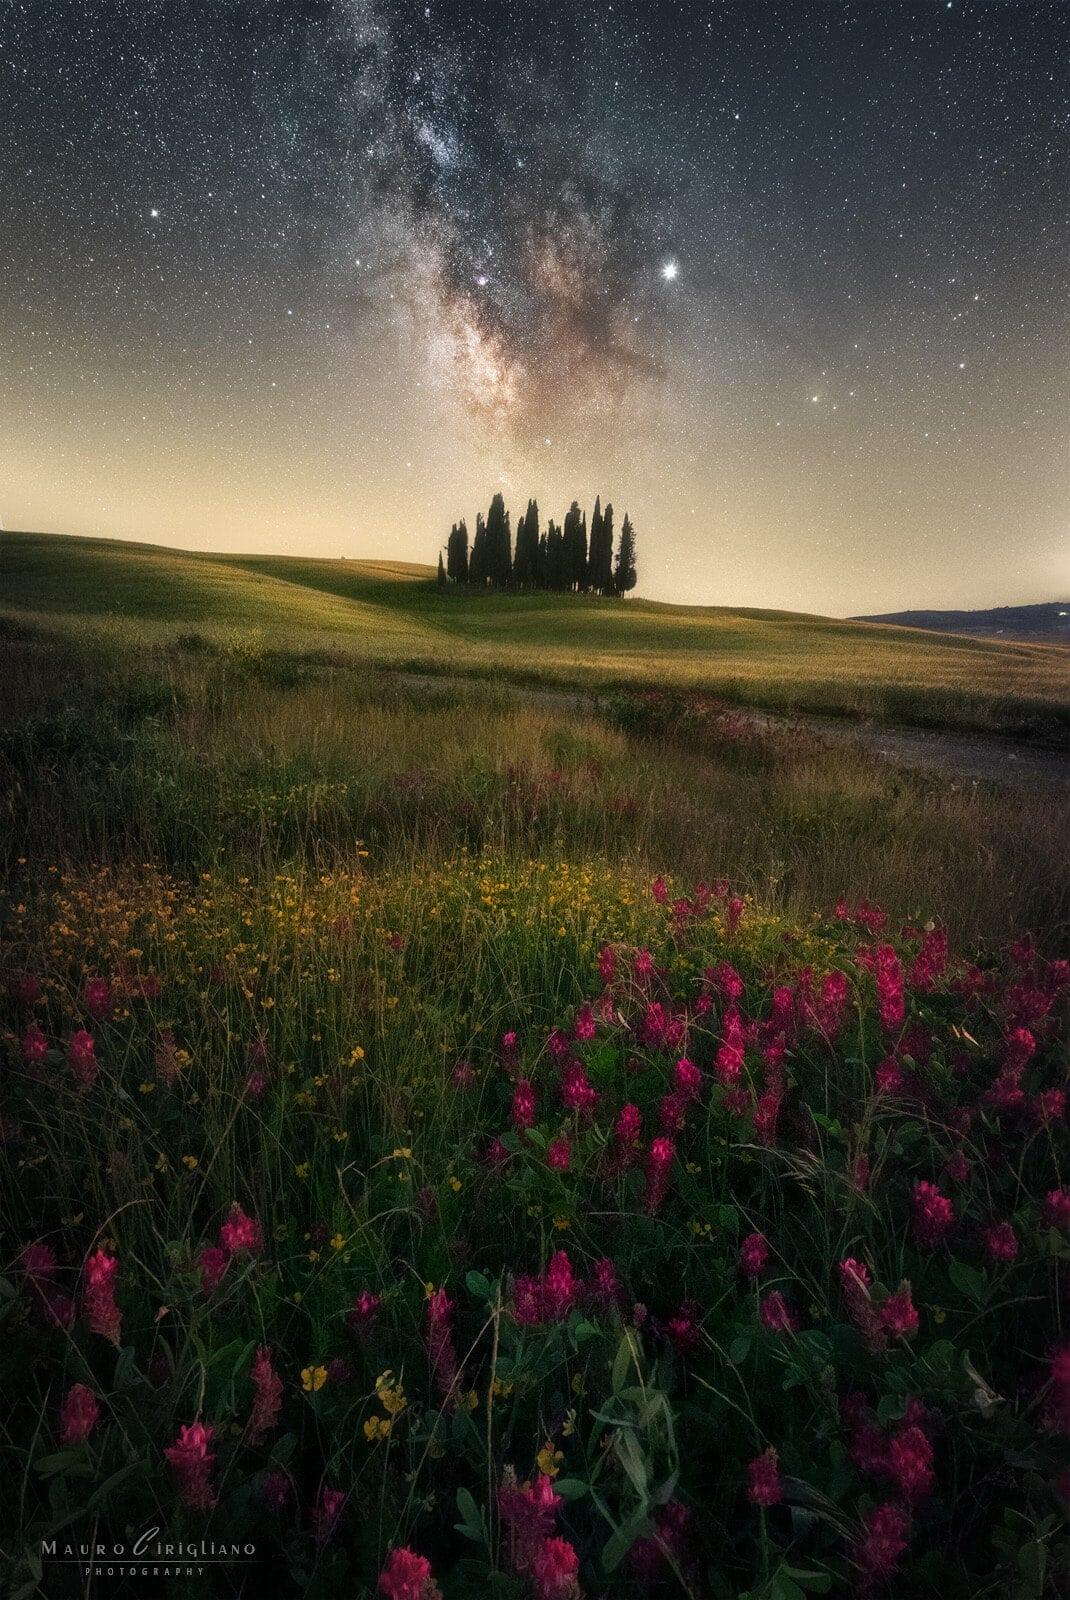 campo pianeggiante della toscana con fiori cipressi e stelle